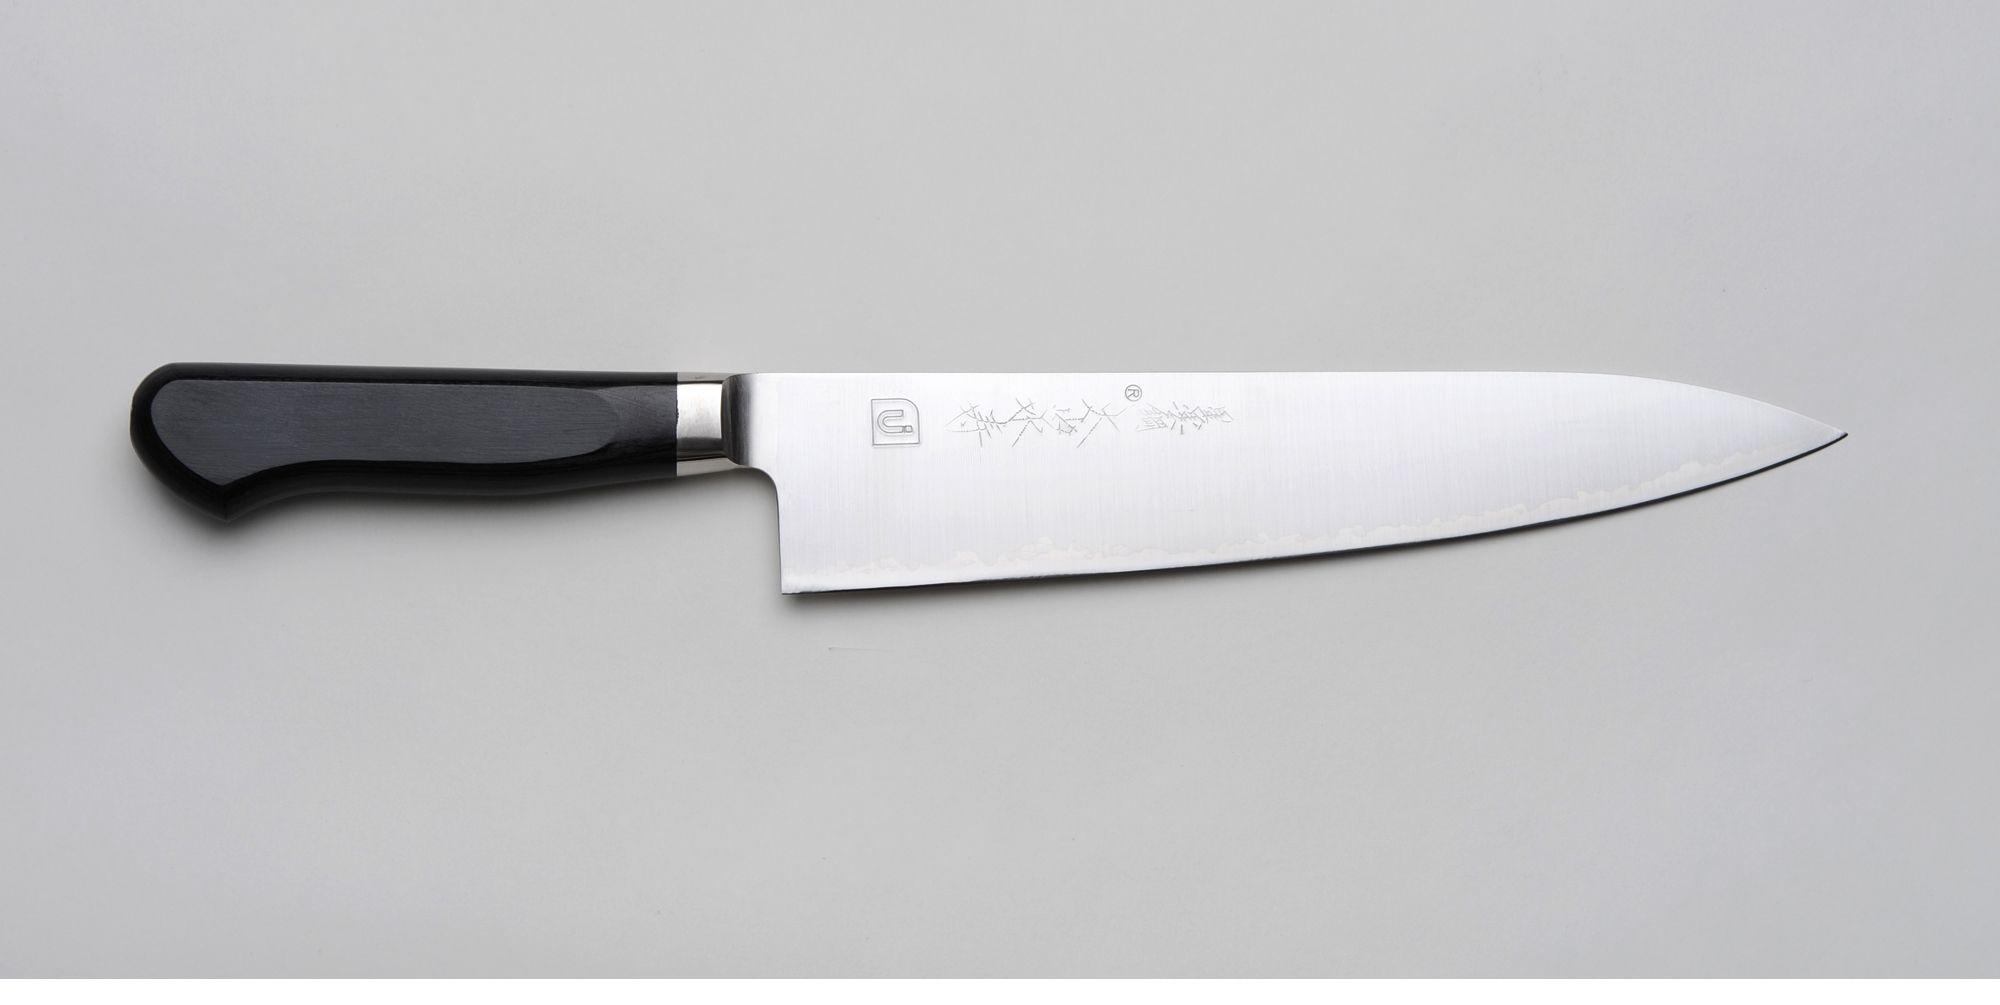 Oyama Chefs Knife Kitchen Knife Design Kitchen Knives Ceramic Kitchen Knives